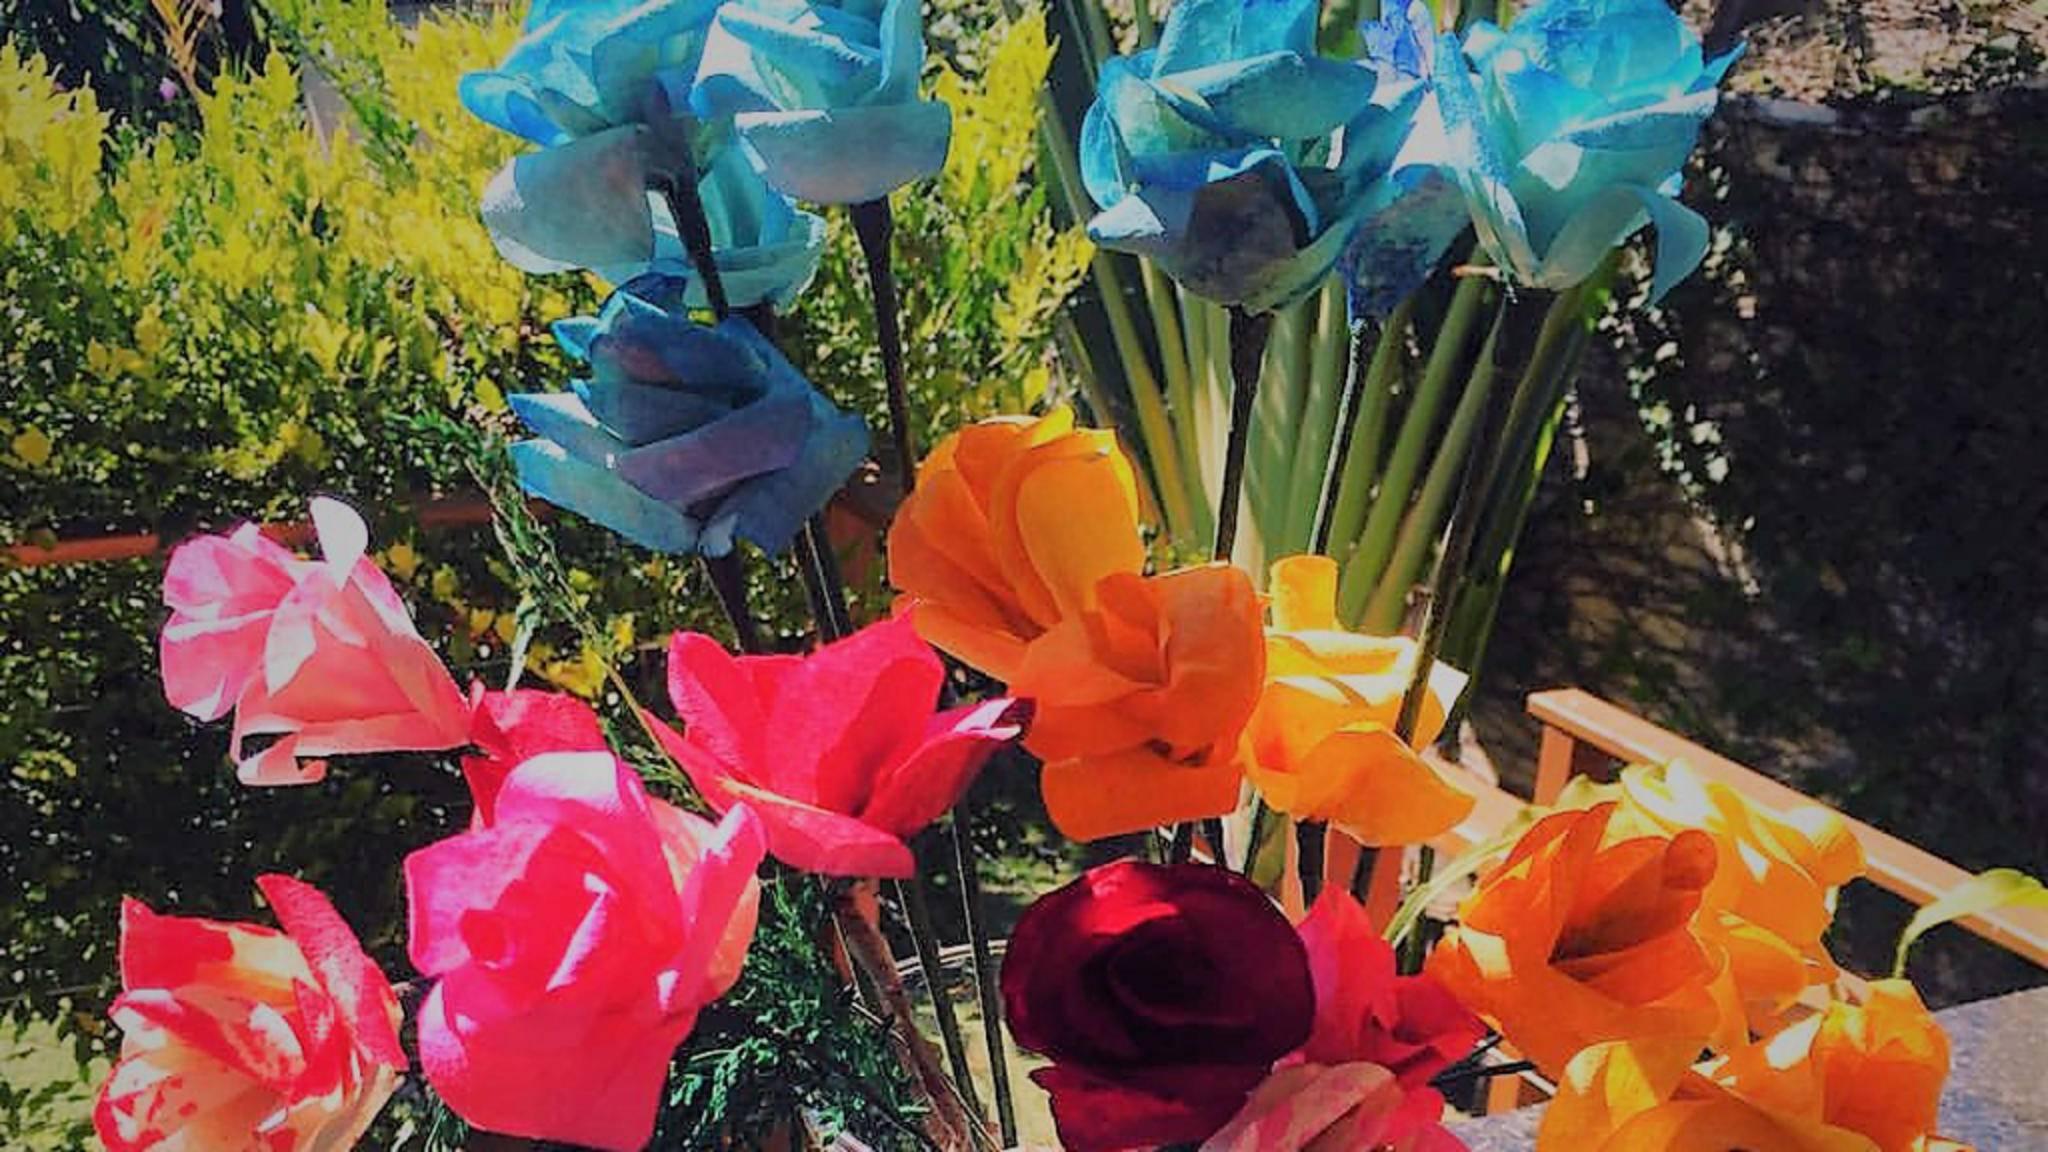 Dieses farbenfrohe Bouquet besteht aus eingefärbten Kaffeefiltern.